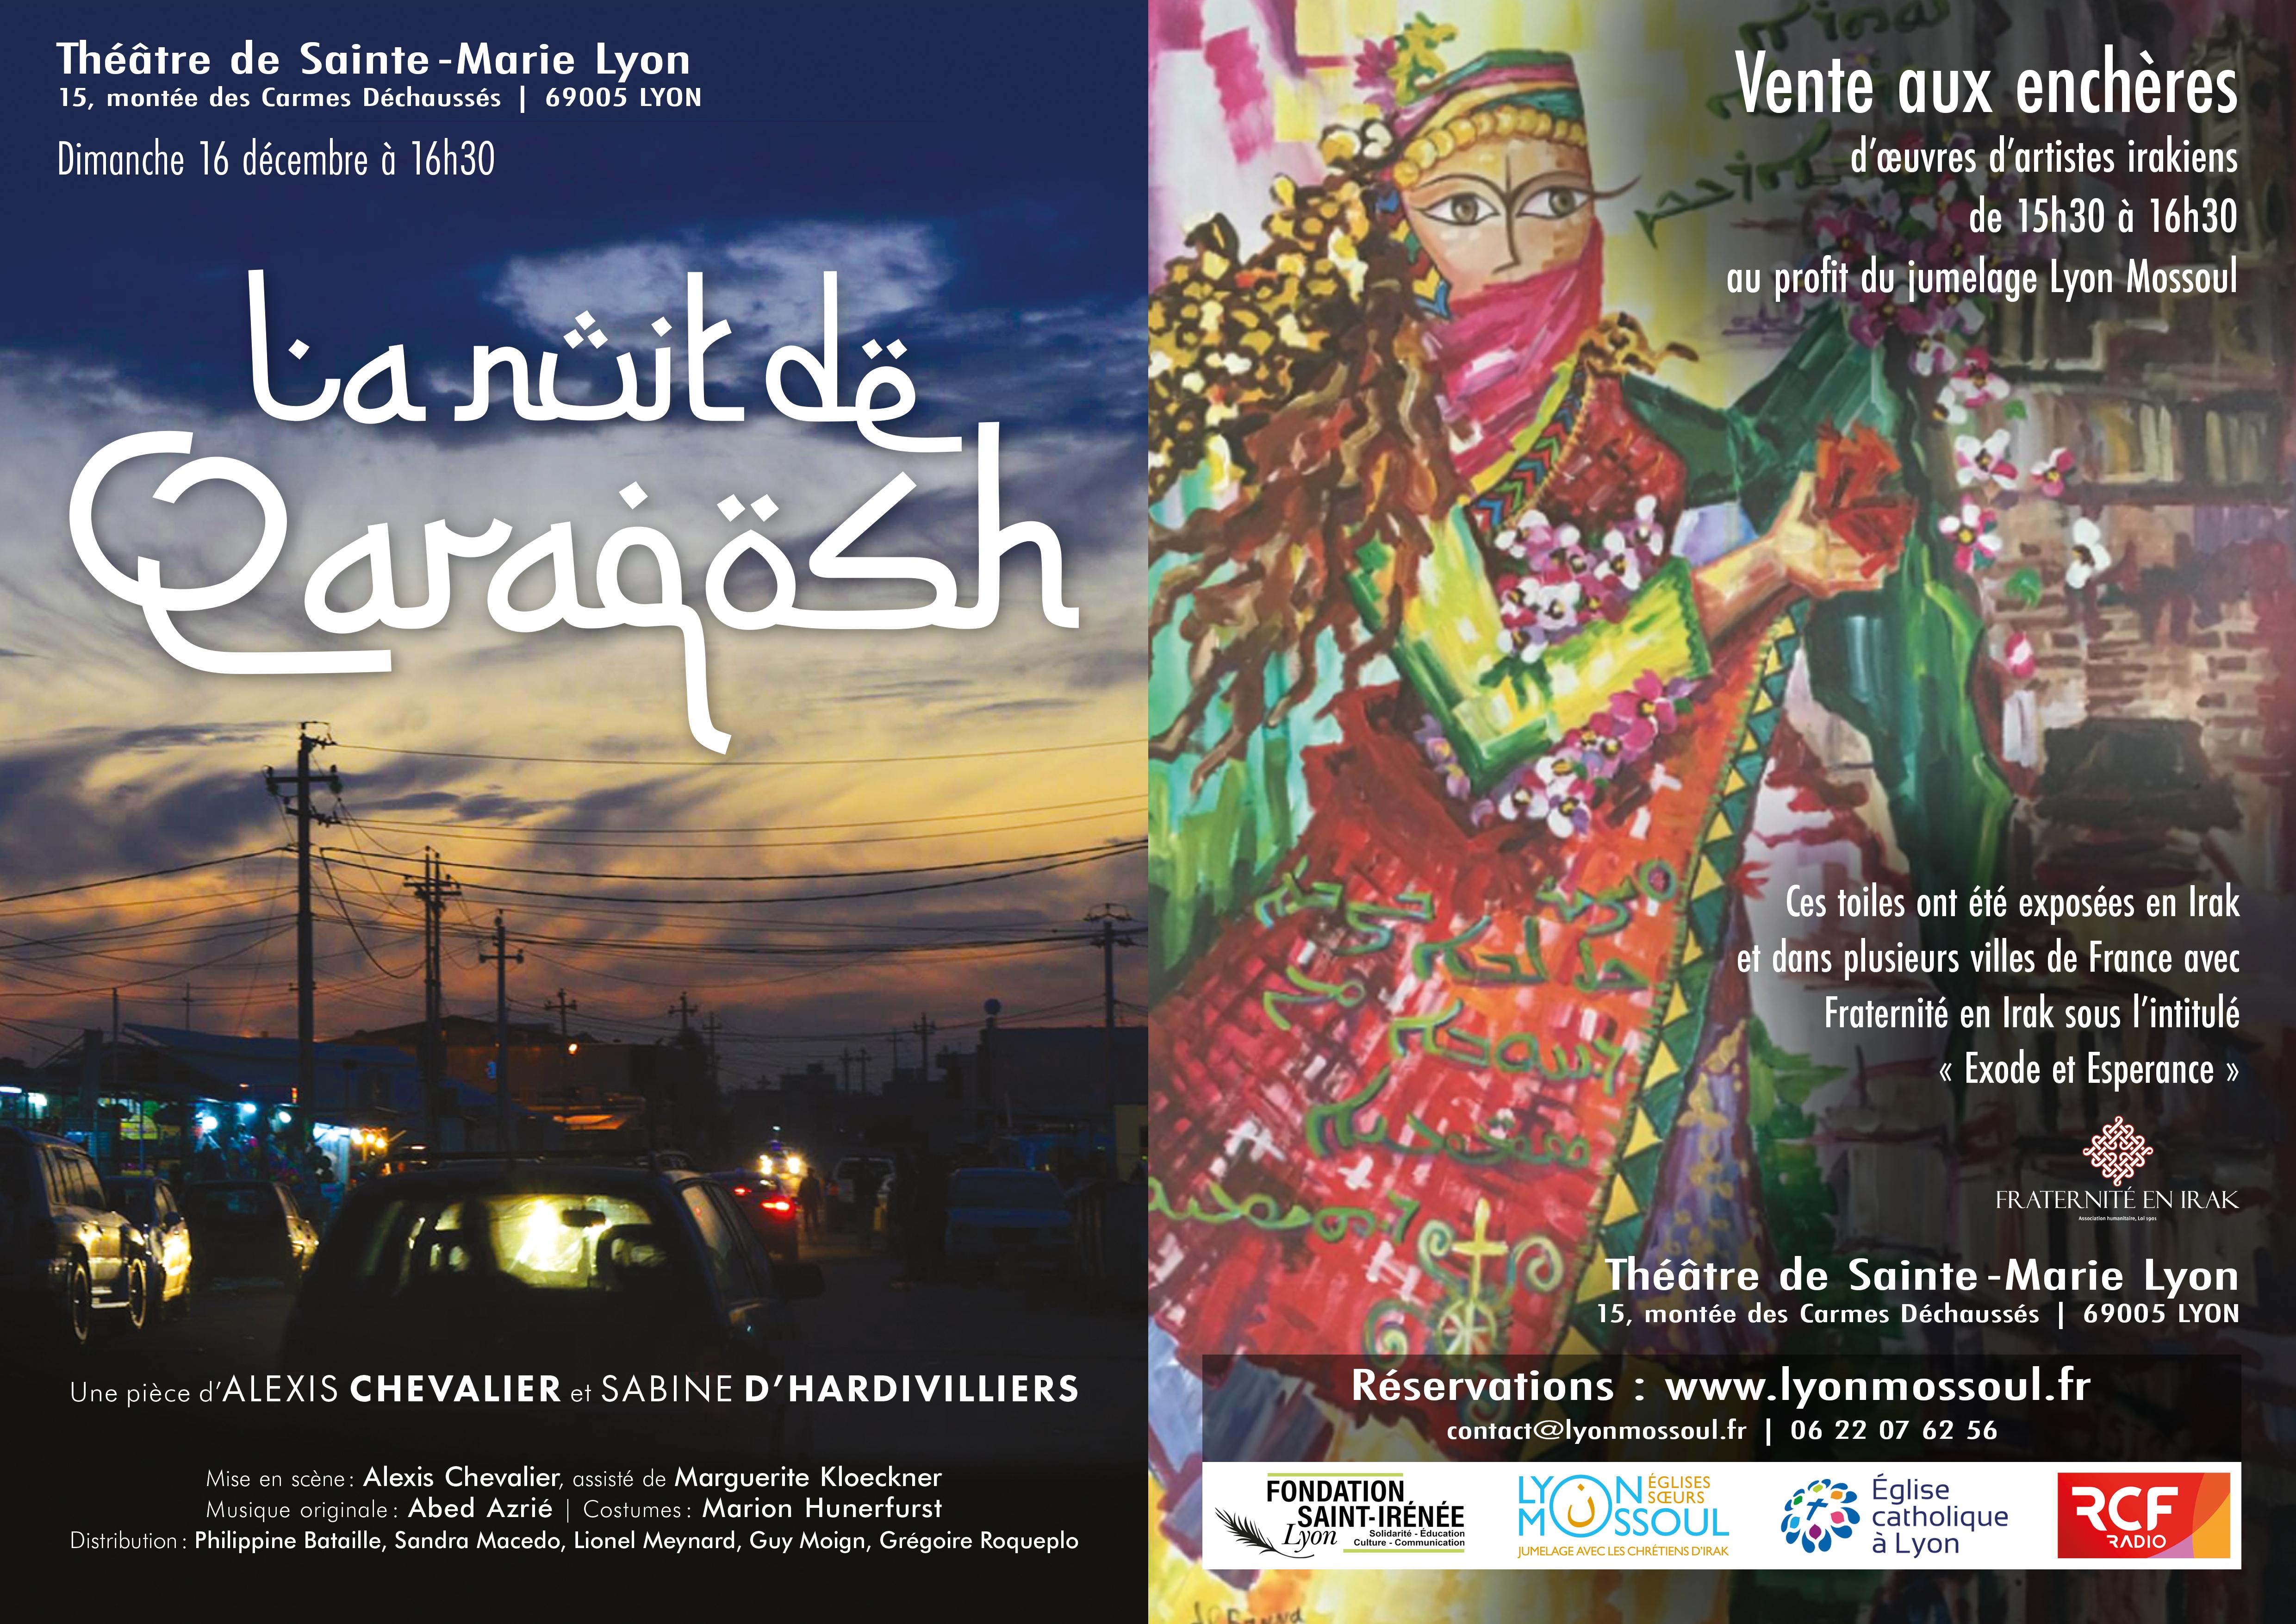 LYON – 16 décembre – Vente aux enchères d'oeuvres issues de l'exposition «Exode et Espérance»